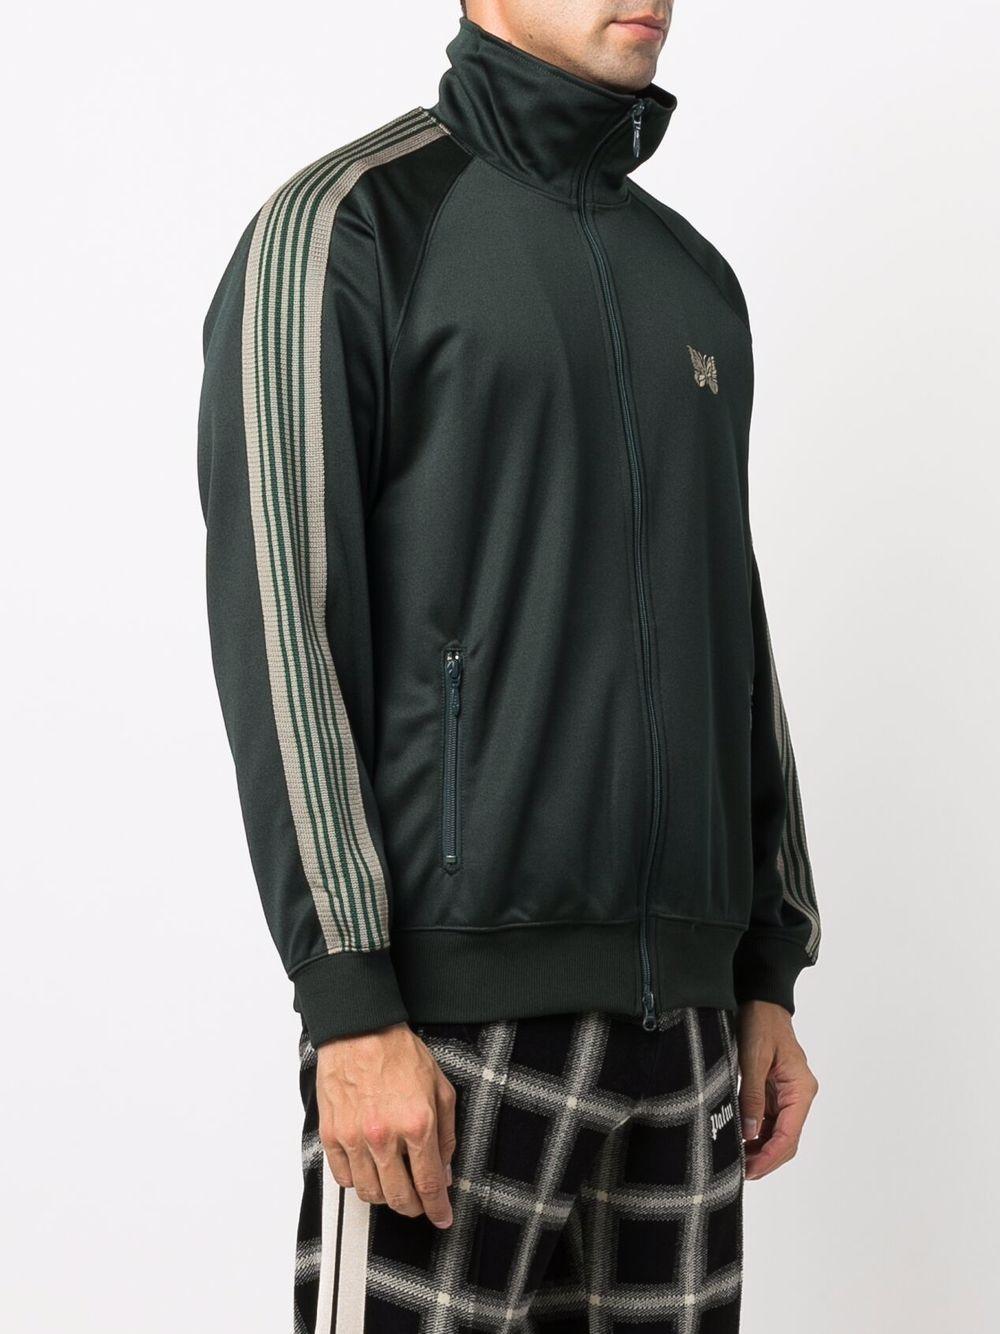 giacca leggera uomo verde in rayon NEEDLES | Giacche | JO221DARK GREEN A